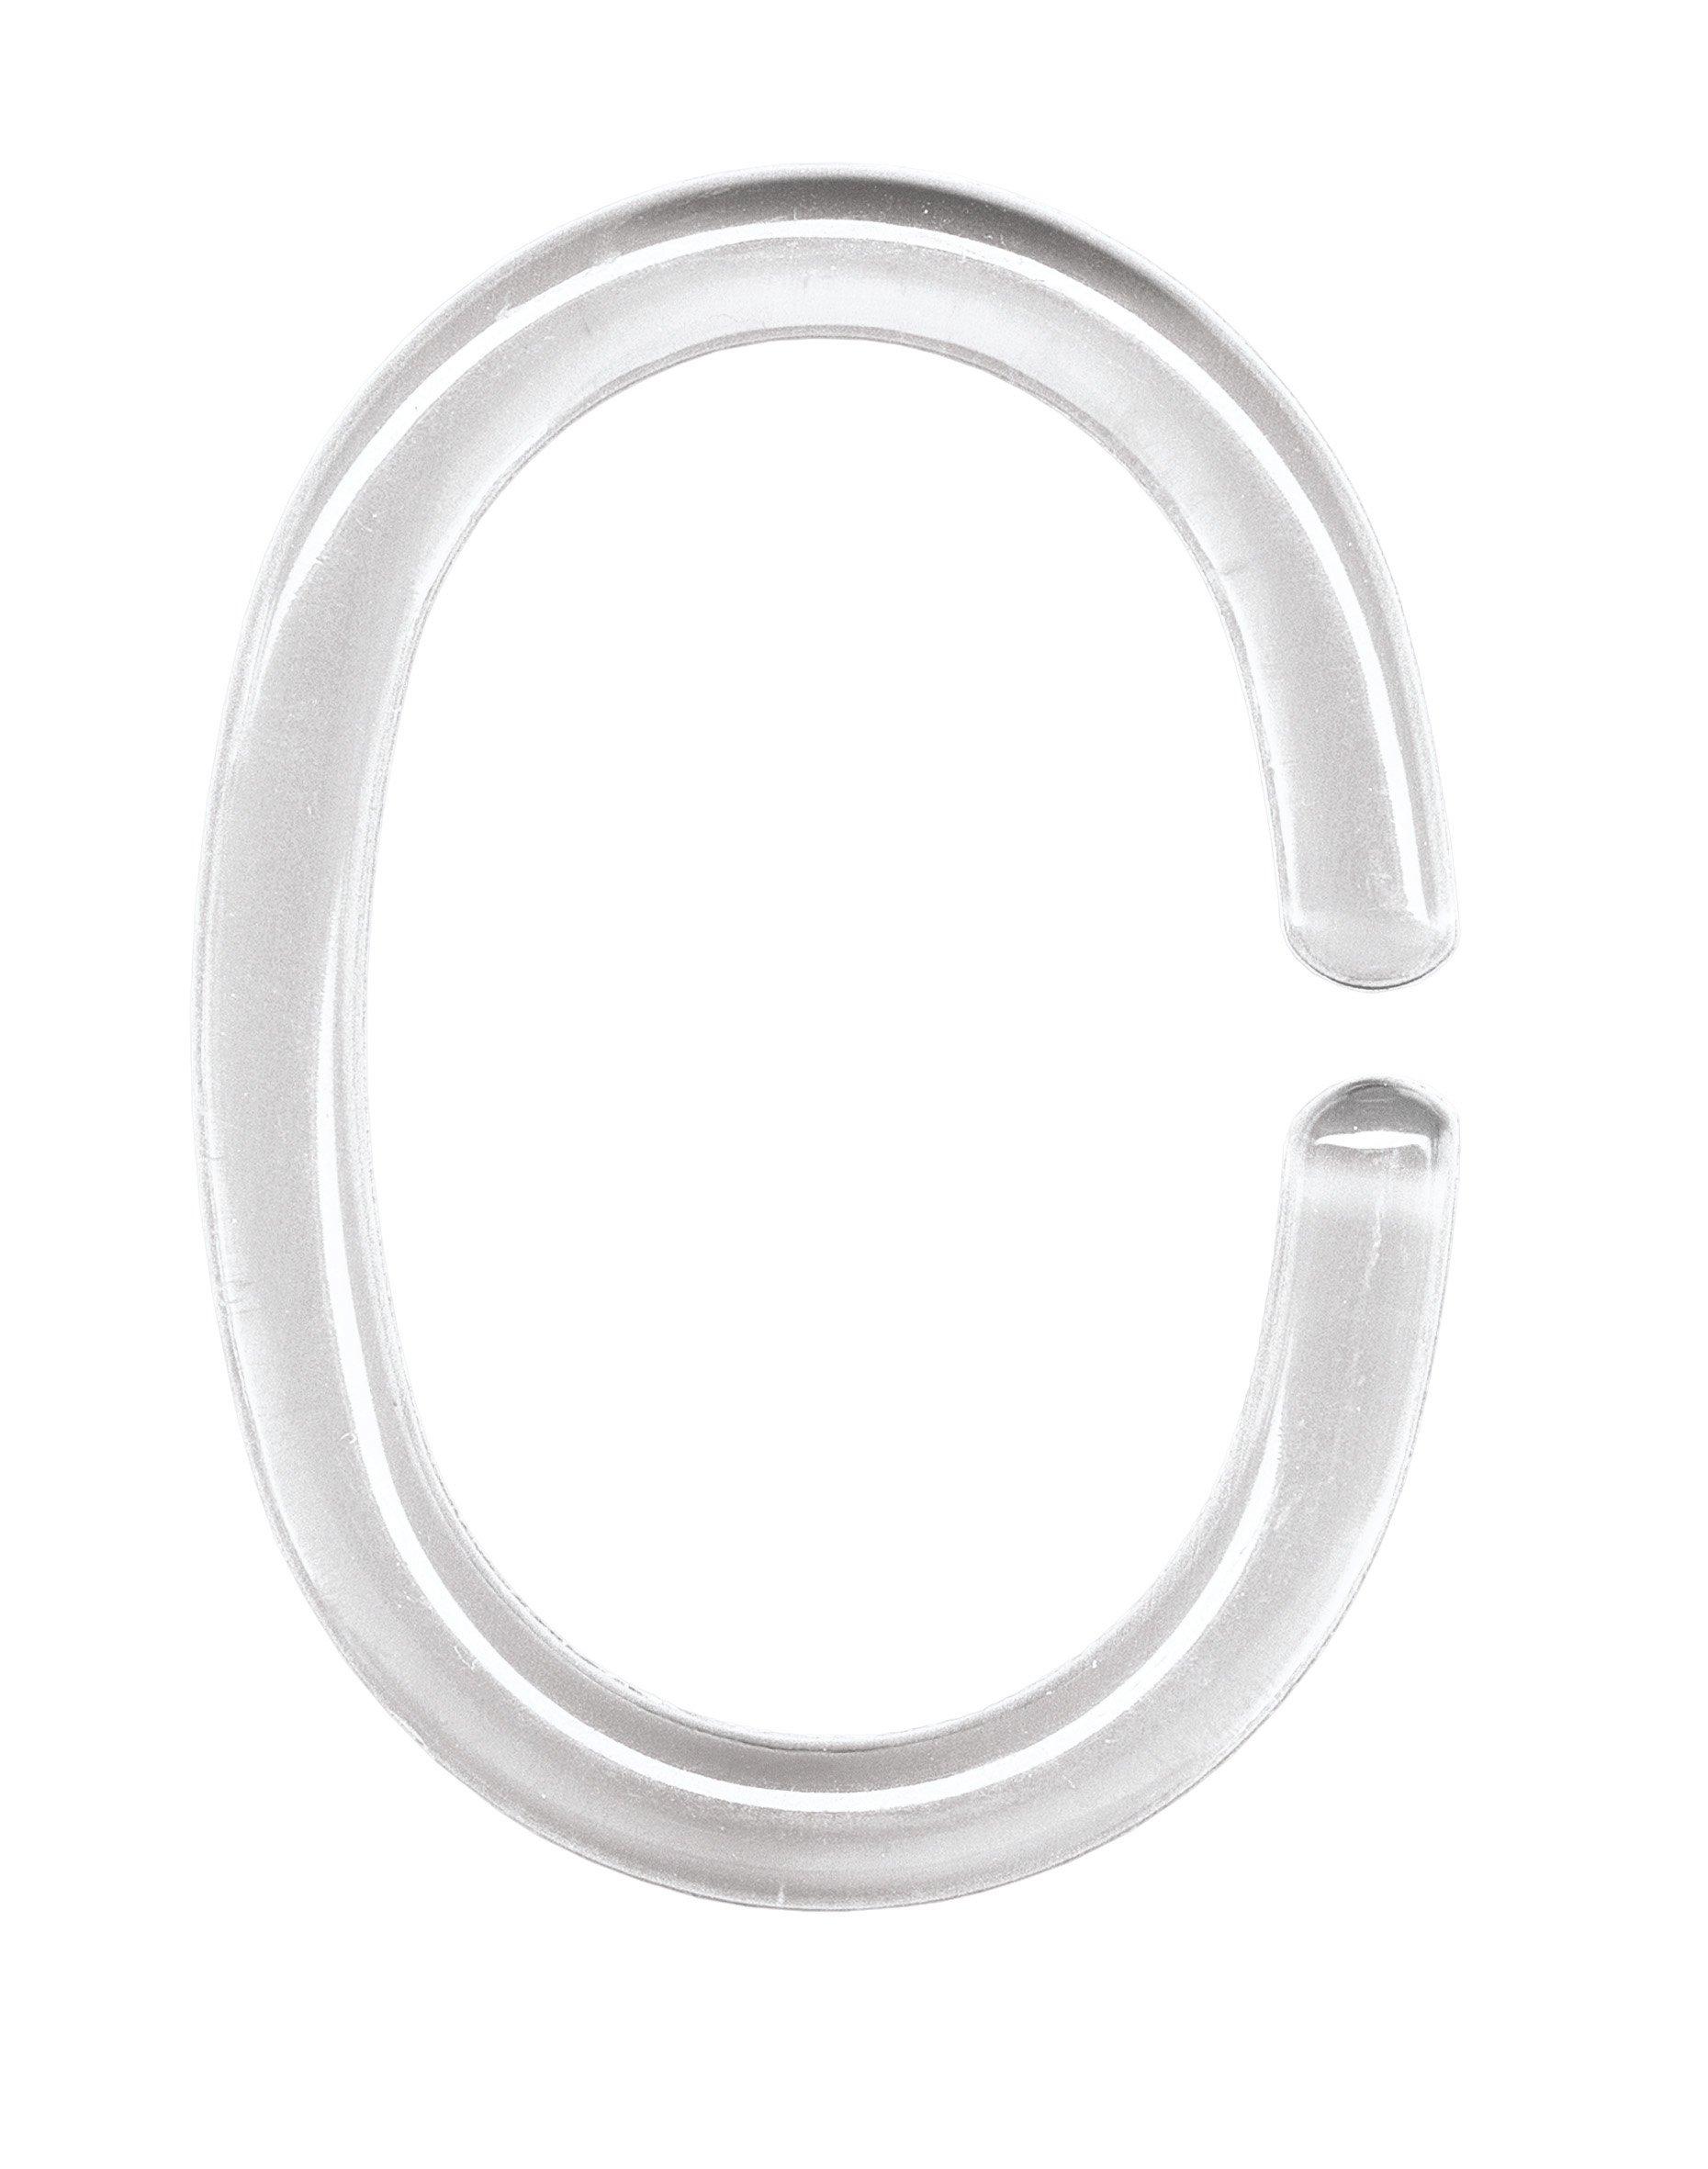 DV-Ringe DV-Ringe Glasklar B:4,3cm